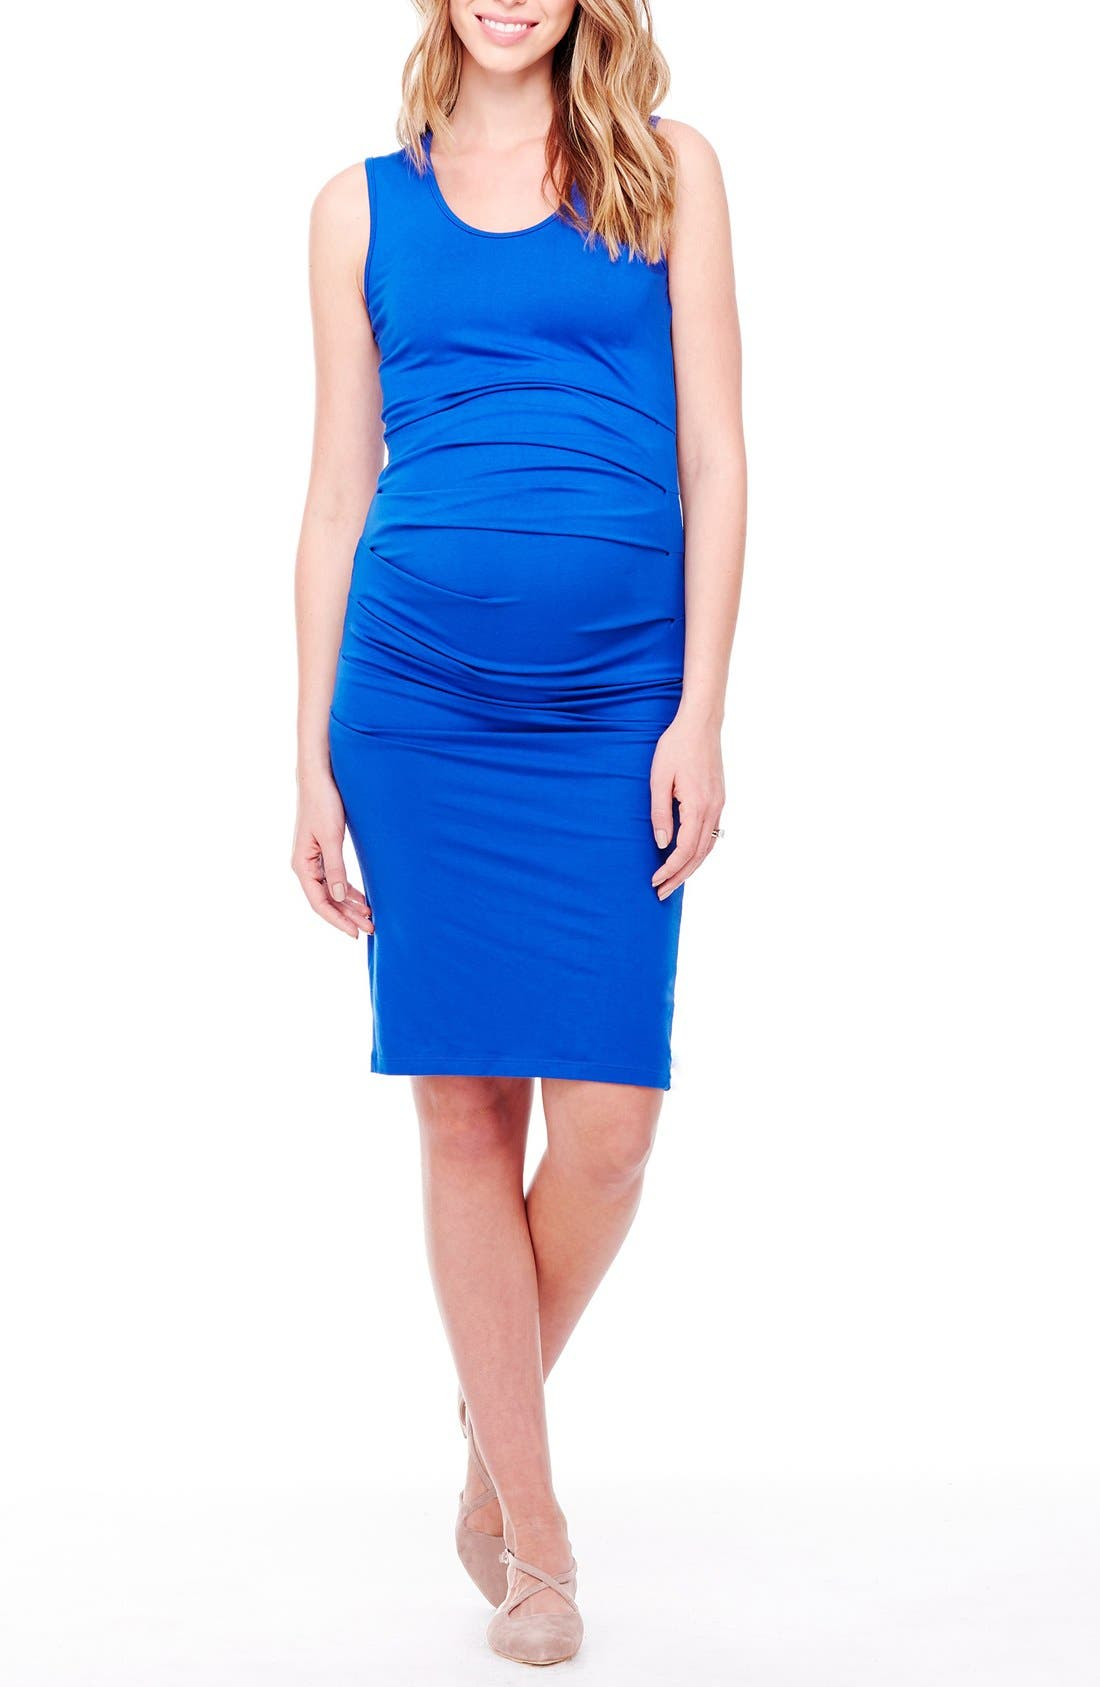 Cobalt blue long tank dress